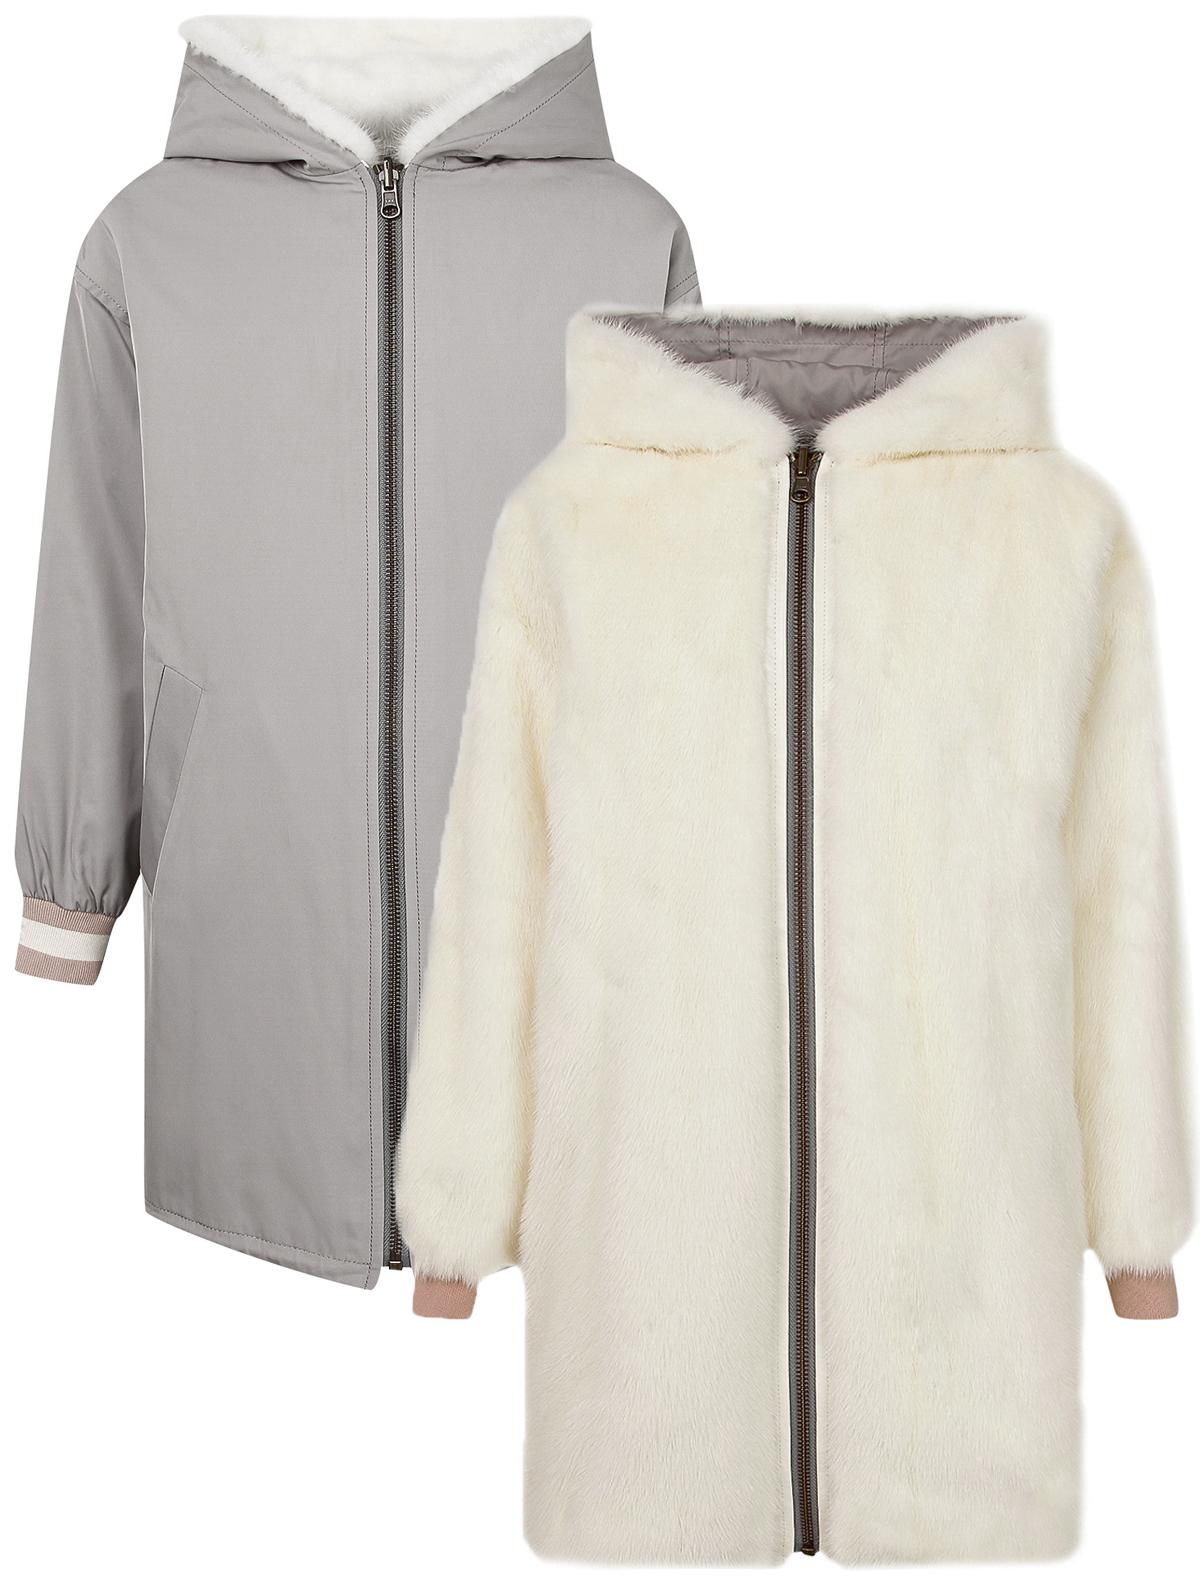 Купить 2109387, Пальто меховое Yves Salomon, белый, Женский, 4121208980010